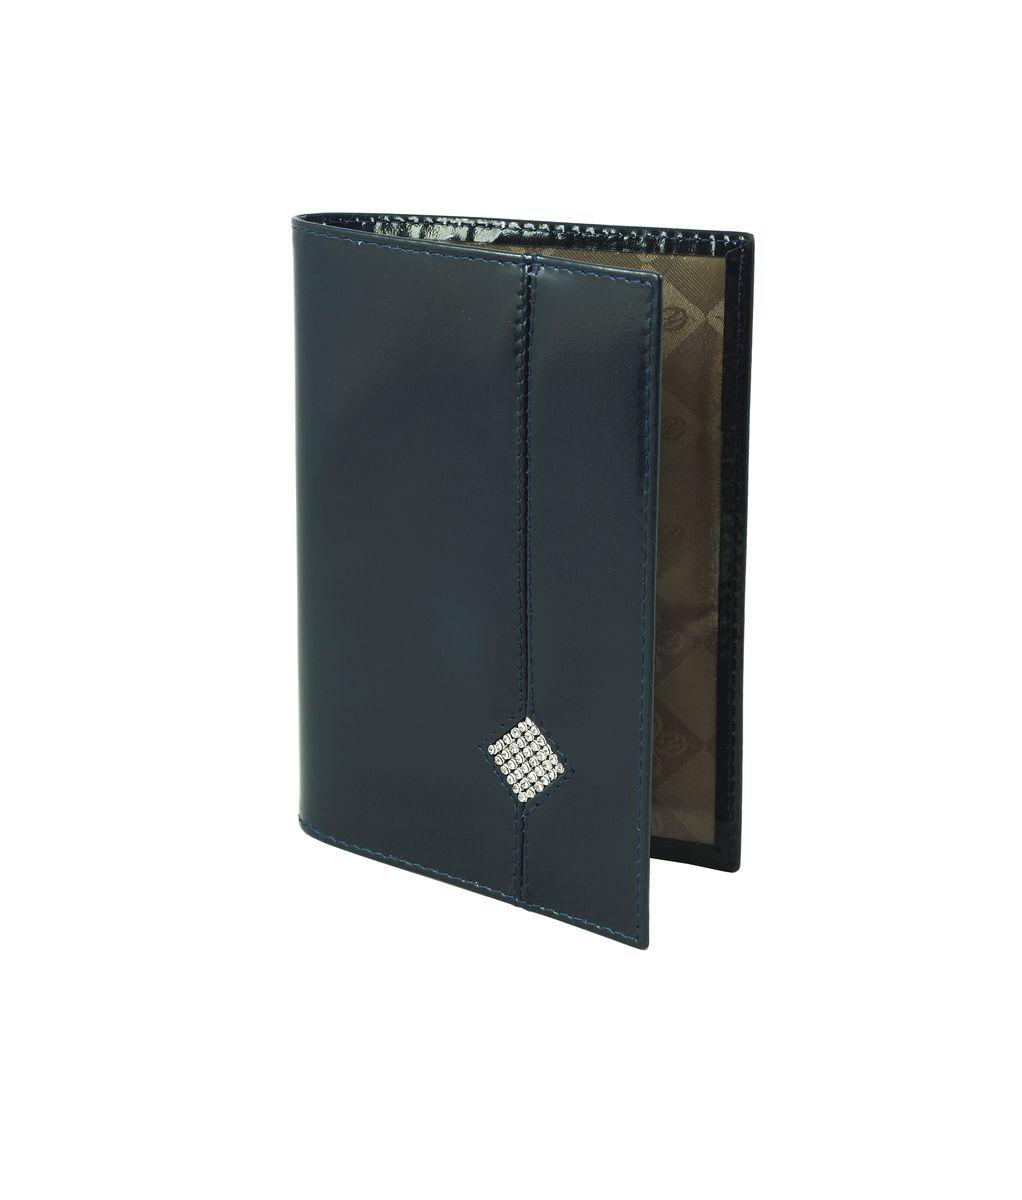 Обложка для паспорта женская Dimanche Сапфир, цвет: темно-синий. 160160Стильная обложка для паспорта Dimanche Сапфир выполнена из натуральной кожи и оформлена стразами. На внутреннем развороте имеются два кармана из прозрачного пластика. Обложка не только поможет сохранить внешний вид ваших документов и защитить их от повреждений, но и станет стильным аксессуаром, идеально подходящим вашему образу. Обложка для паспорта стильного дизайна может быть достойным и оригинальным подарком.